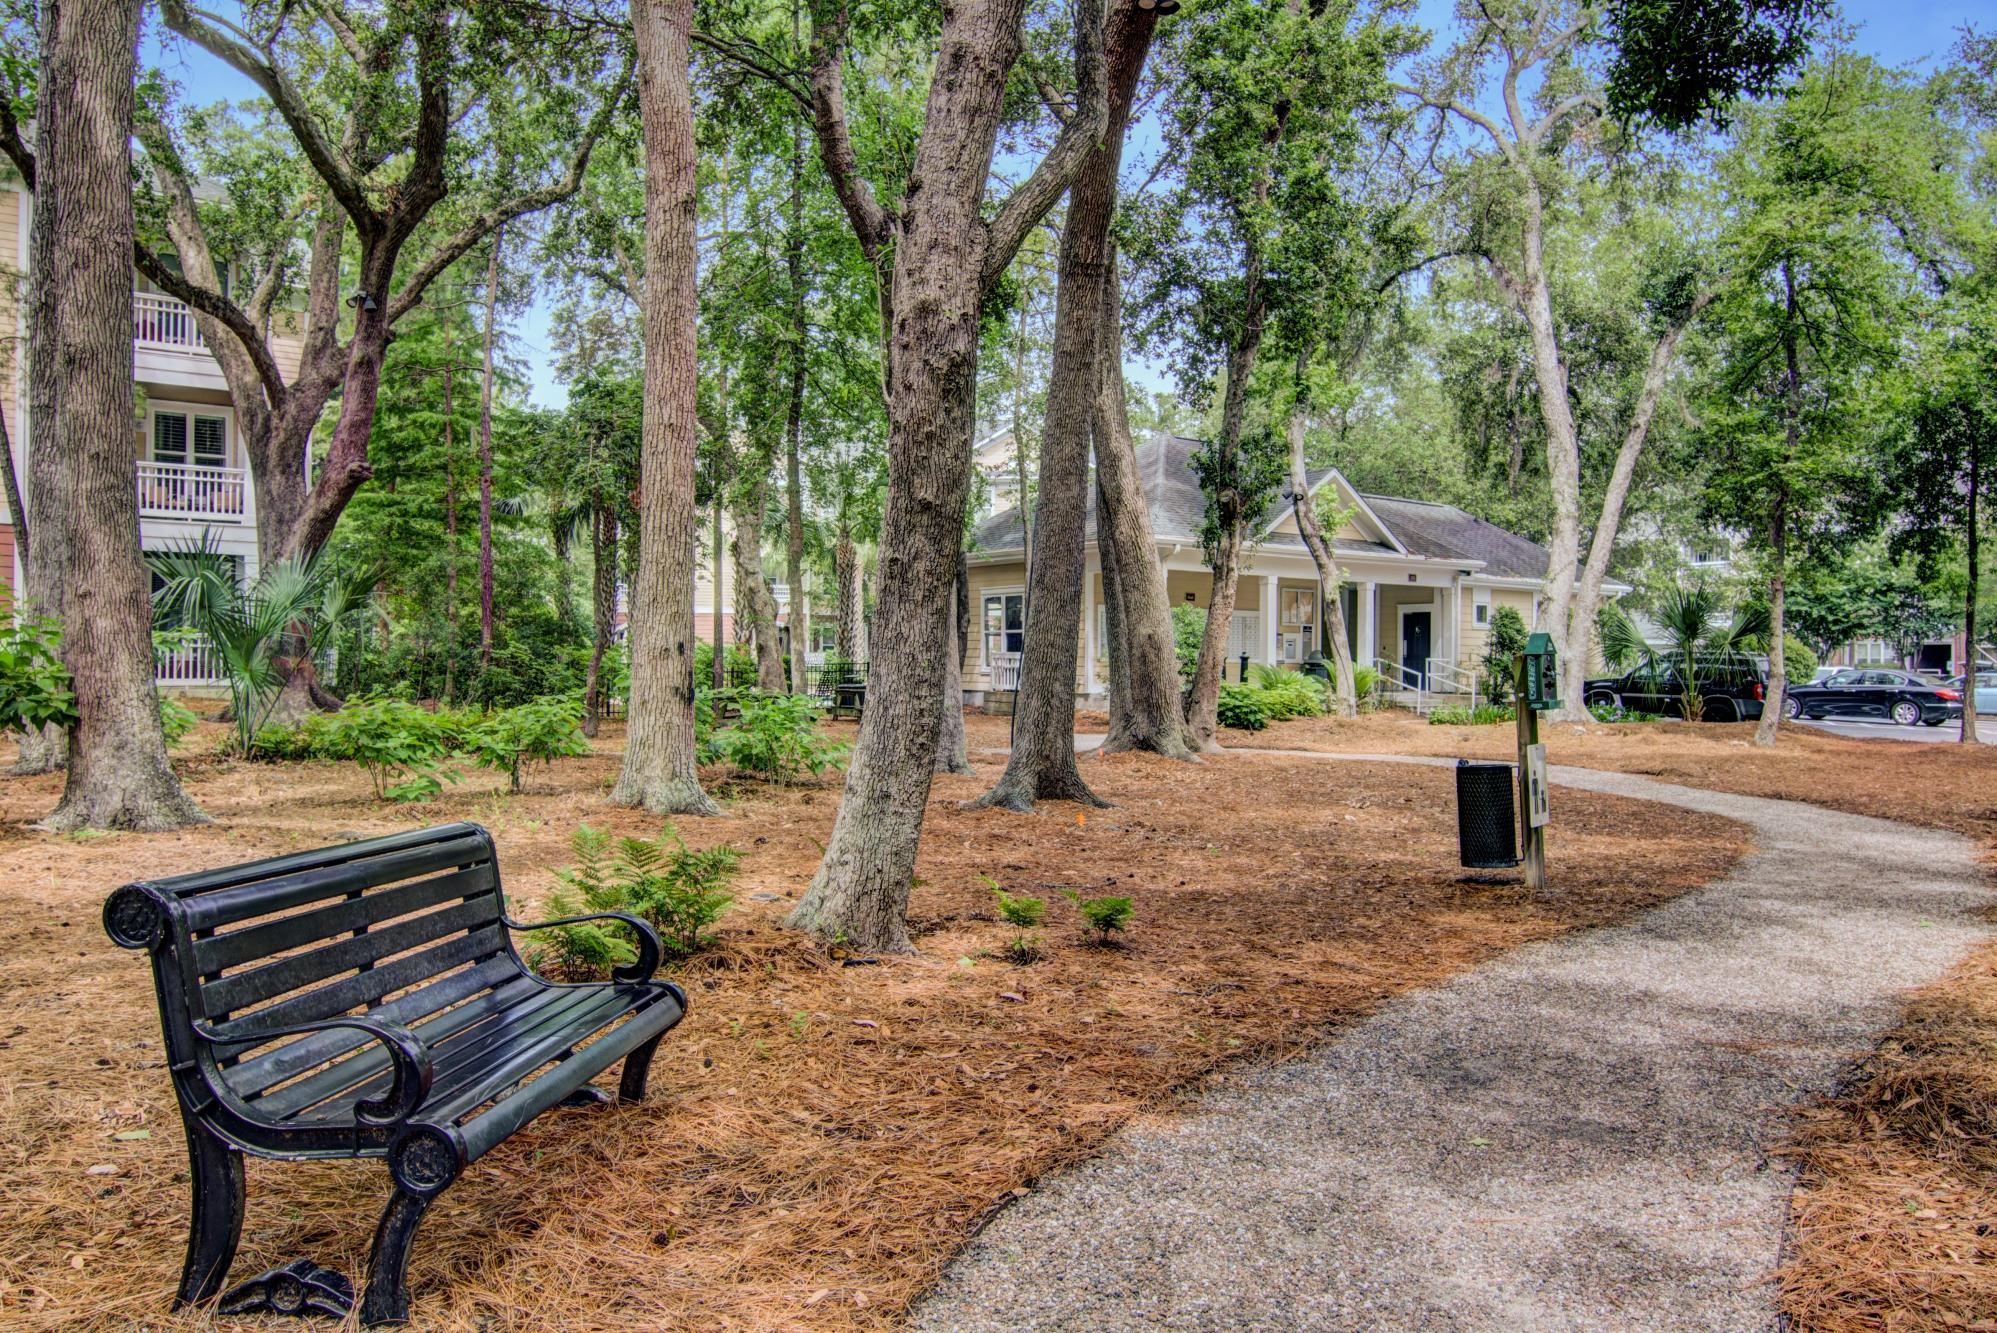 254 Seven Farms Drive Homes For Sale - 260 Seven Farms, Charleston, SC - 0